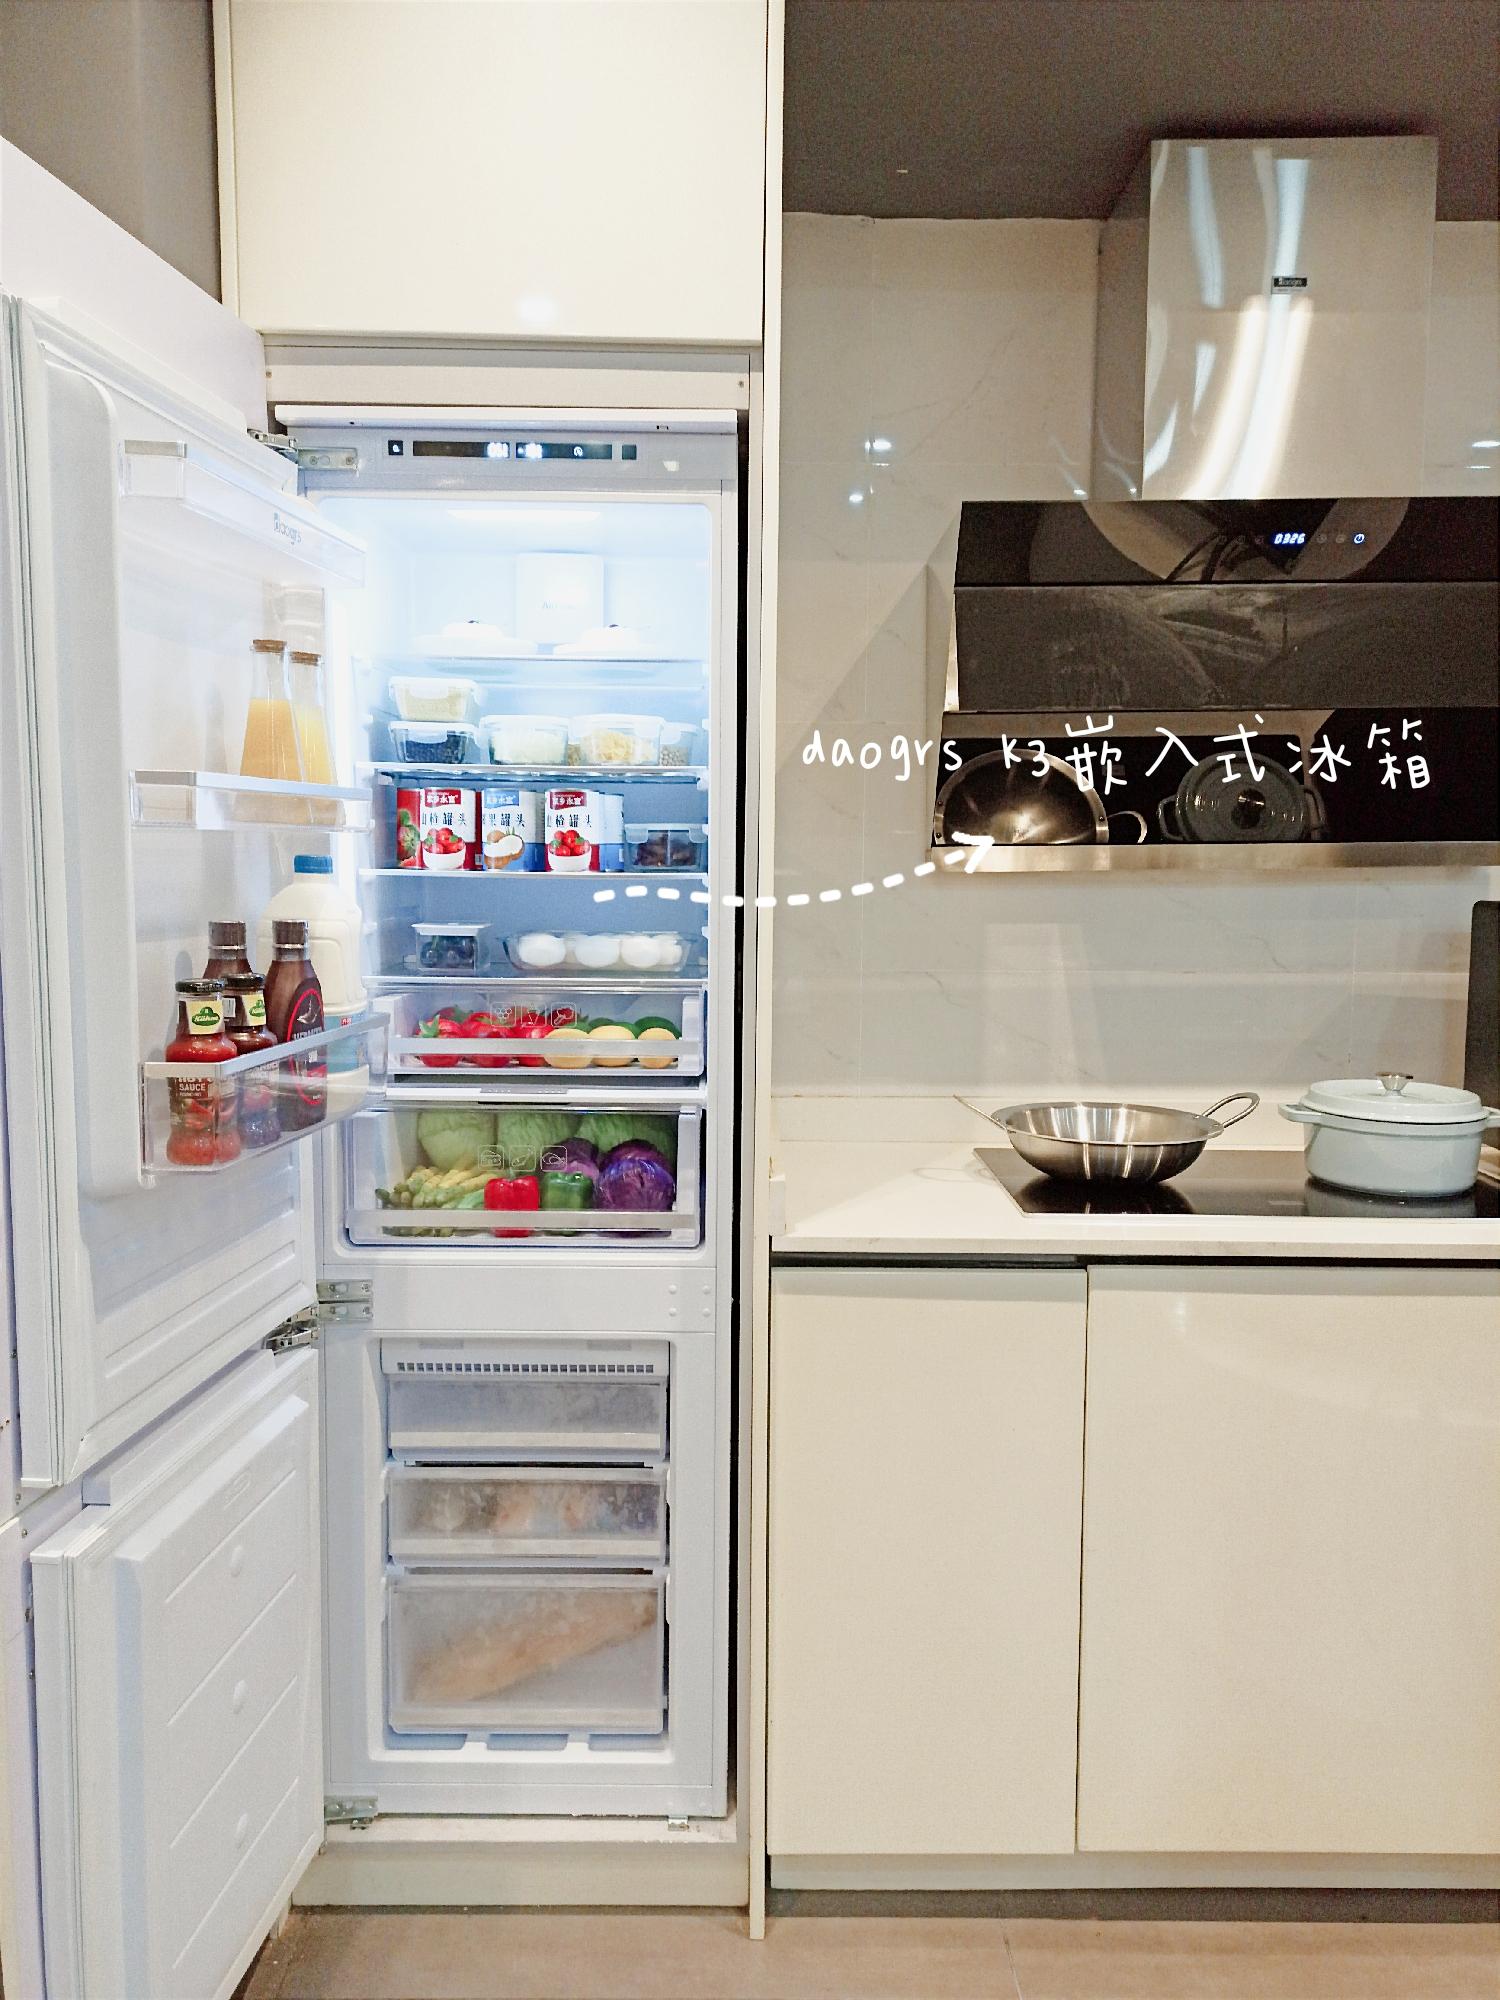 房子装修,小厨房变大的小秘密,冰箱嵌入式设计